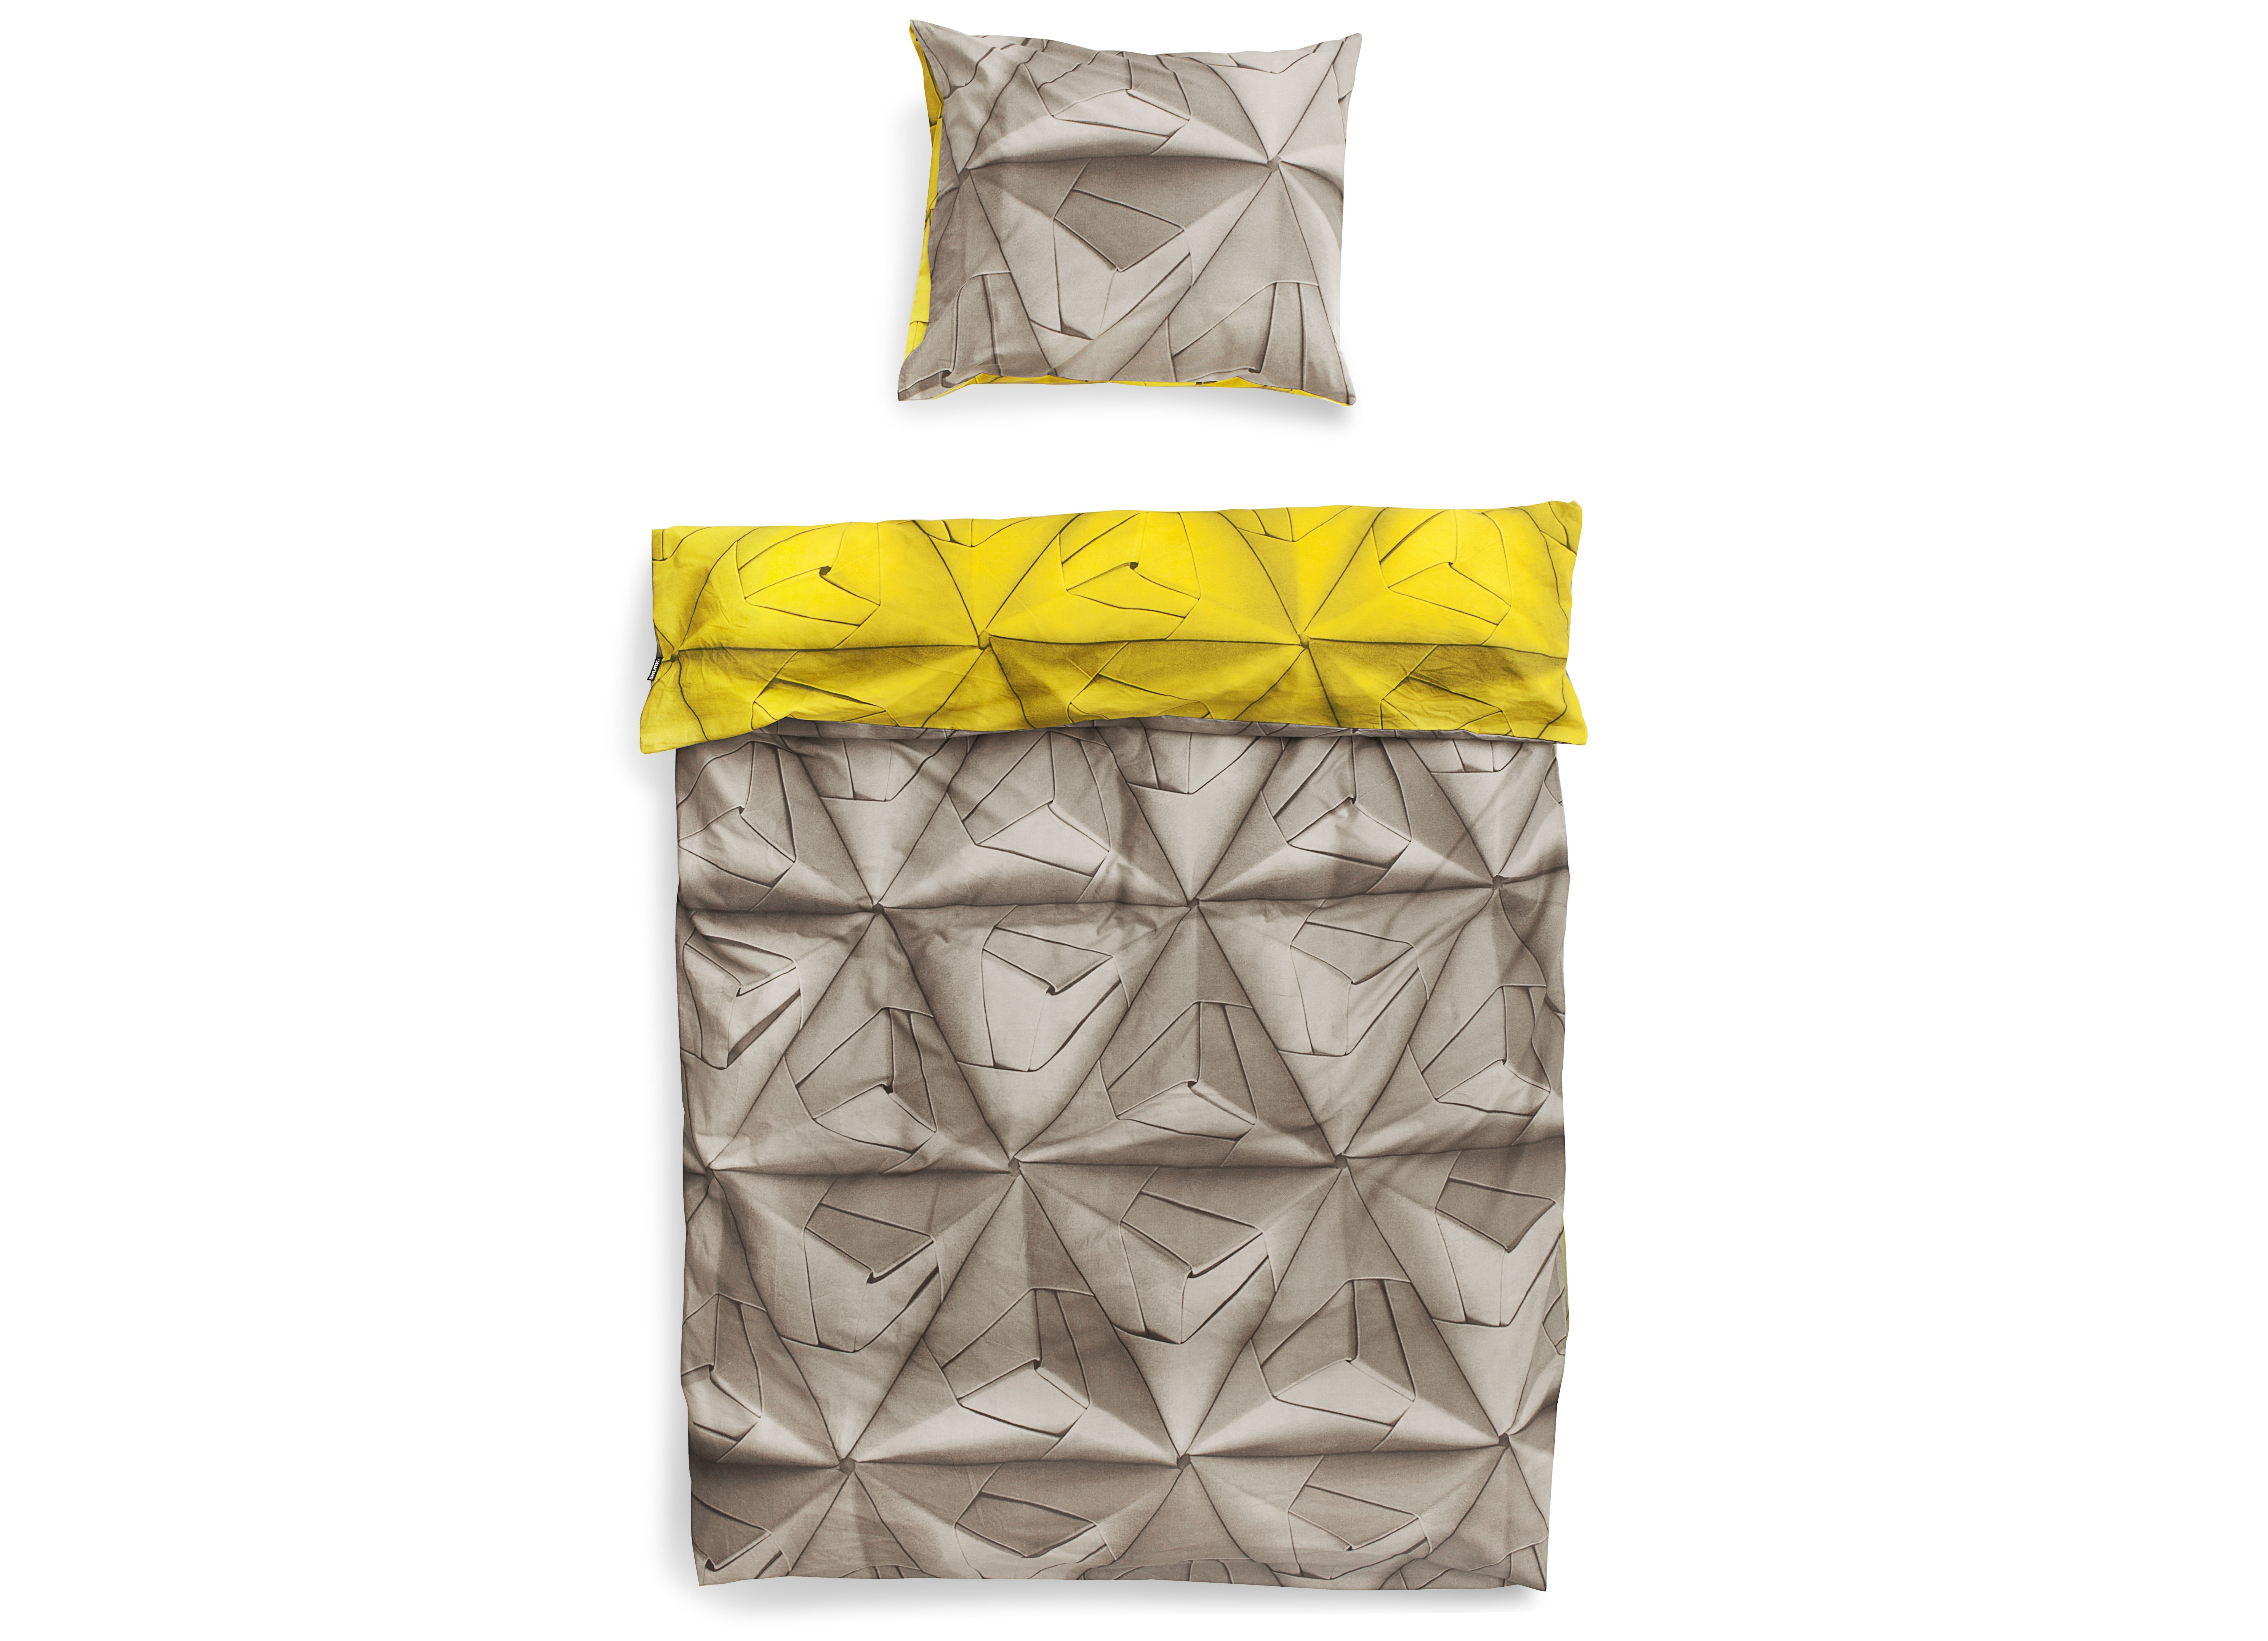 Комплект постельного белья Оригами желтыйПолутороспальные комлпекты постельного белья<br>Мы обновили наш известный принт Geogami. Раньше он был пестрым, а теперь в нем сочетаются два контрастных цвета. На одной стороне-нейтральный серый цвет, а на другой-остромодный! Комплект существует в горчичном, васильковом и коралловом оттенках.&amp;amp;nbsp;&amp;lt;div&amp;gt;&amp;lt;br&amp;gt;&amp;lt;/div&amp;gt;&amp;lt;div&amp;gt;Материал: 100% хлопок ПЕРКАЛЬ (плотность ткани 214г/м2).&amp;amp;nbsp;&amp;lt;/div&amp;gt;&amp;lt;div&amp;gt;В комплект входит: пододеяльник 150х200 см - 1 шт, наволочка 50х70 см - 1 шт.&amp;lt;/div&amp;gt;<br><br>Material: Хлопок<br>Ширина см: 150<br>Глубина см: 200